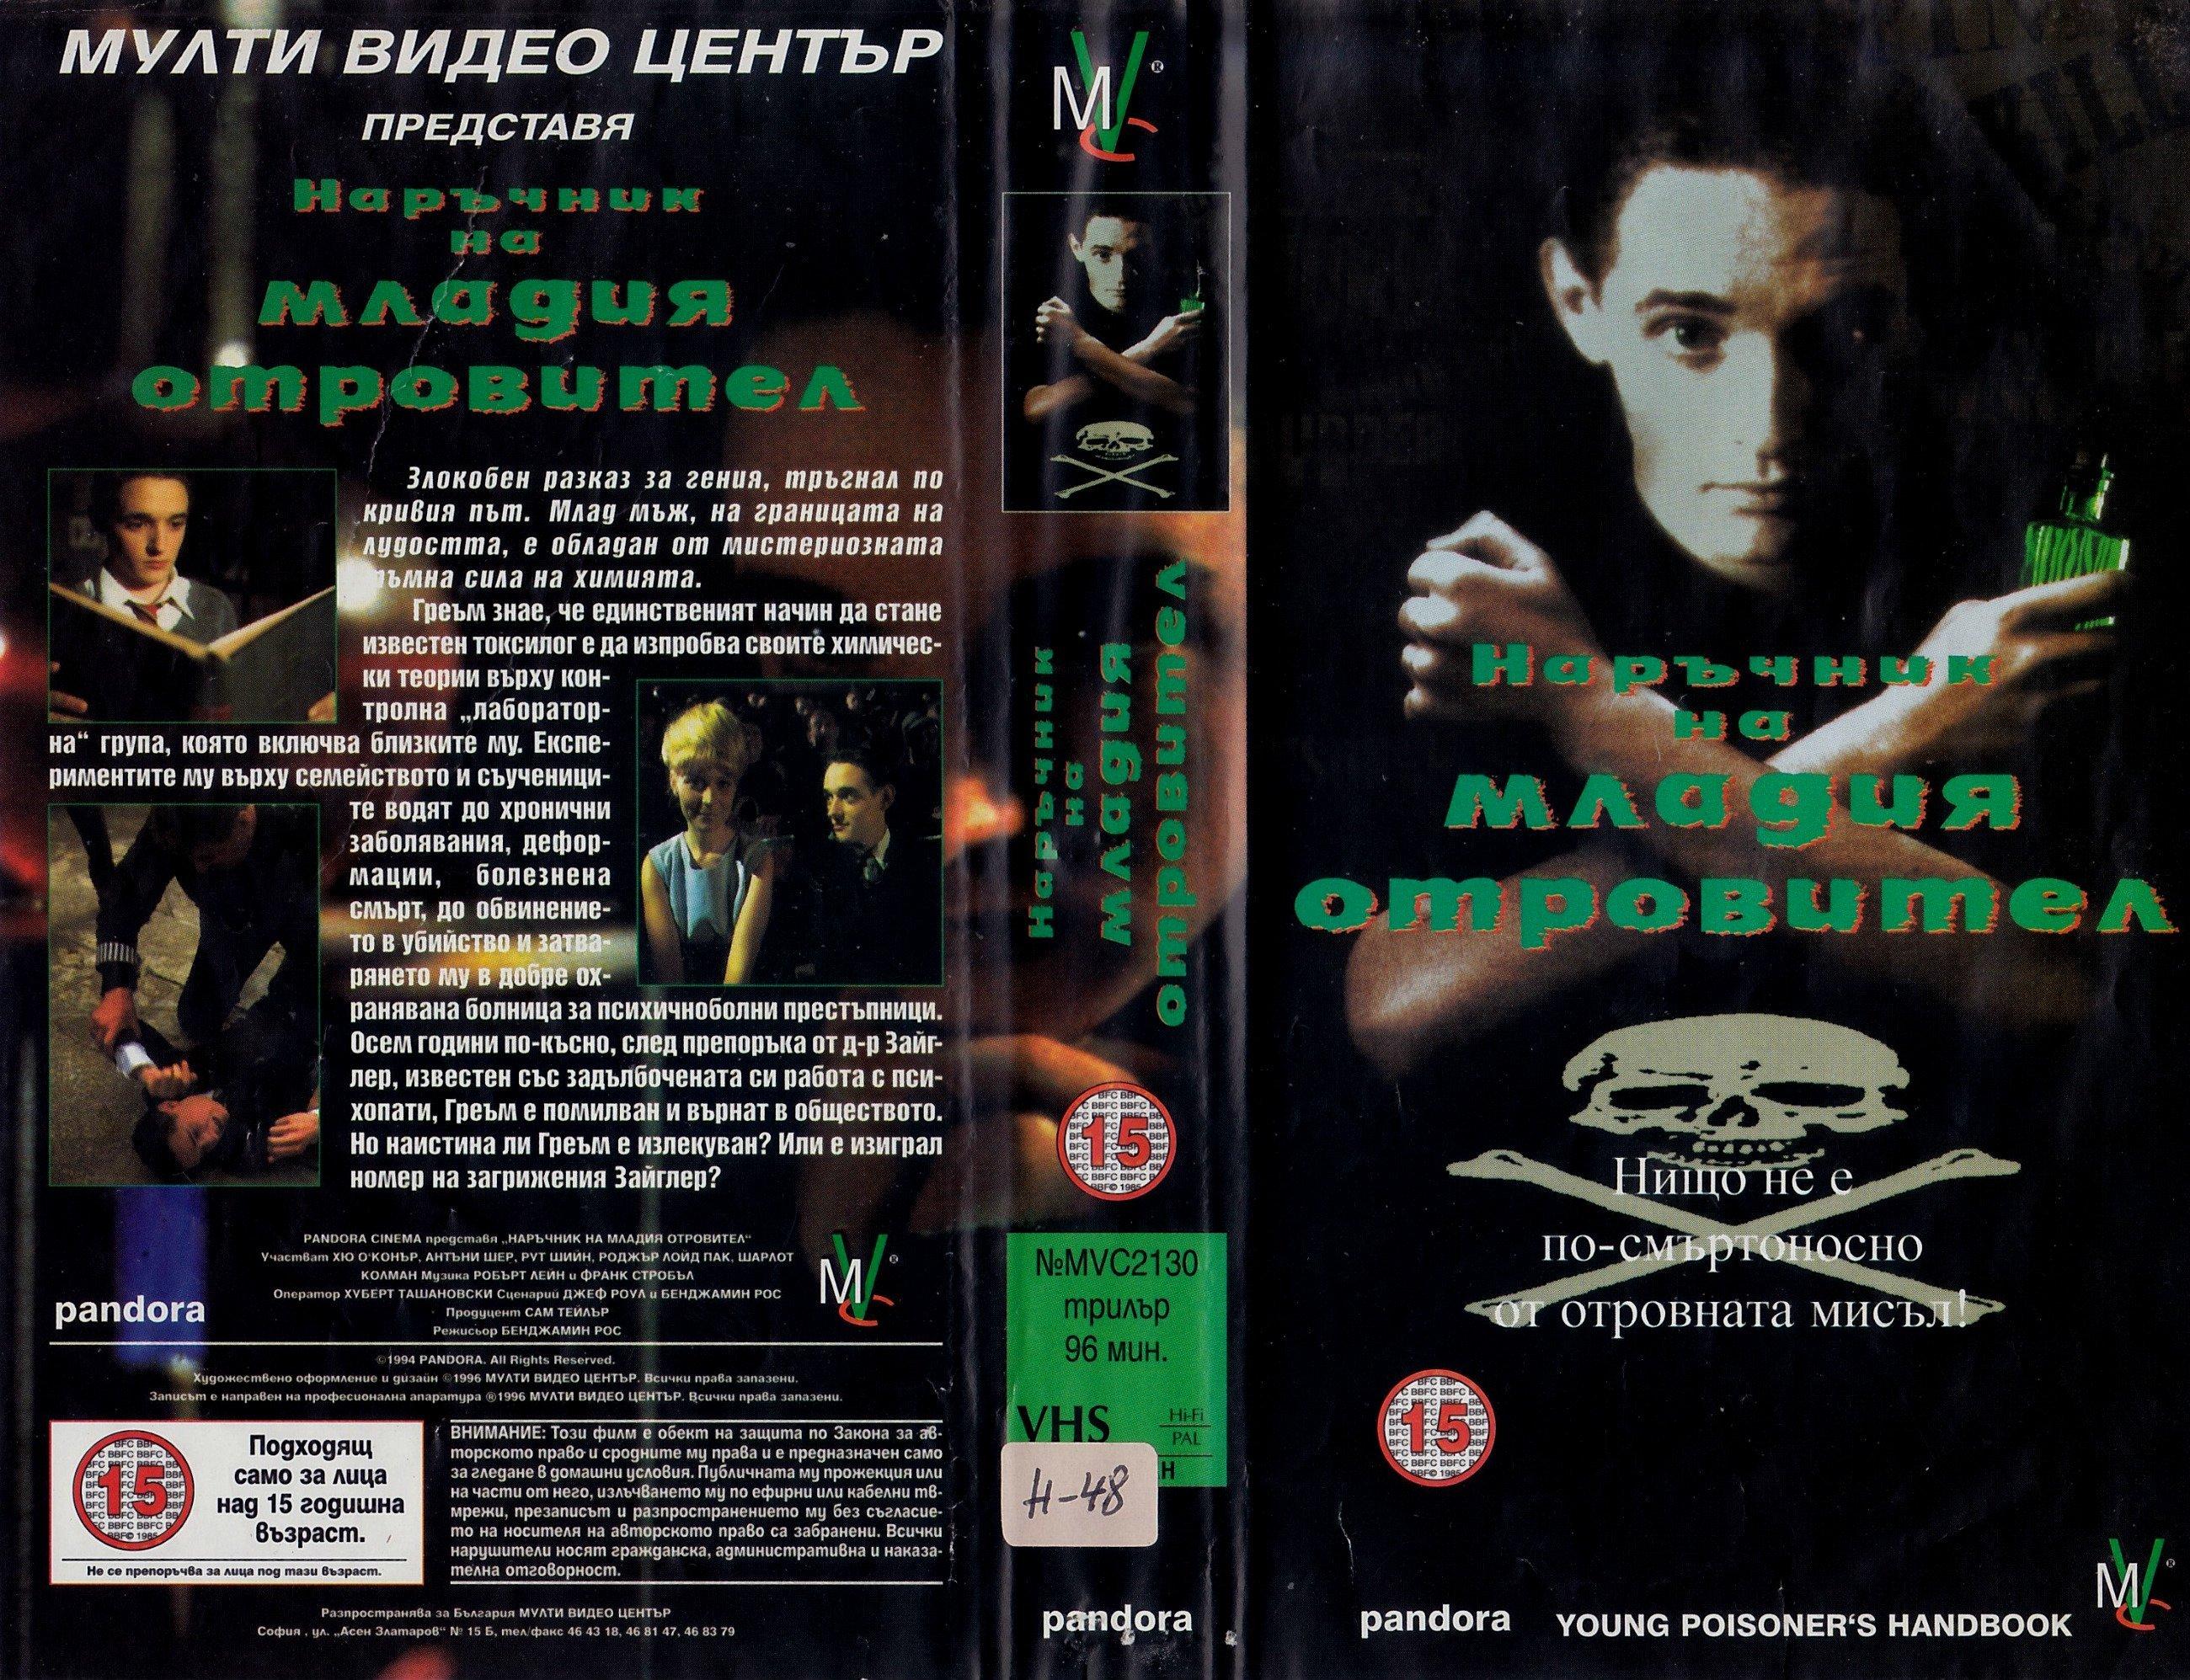 Наръчник на младия отровител филм постер